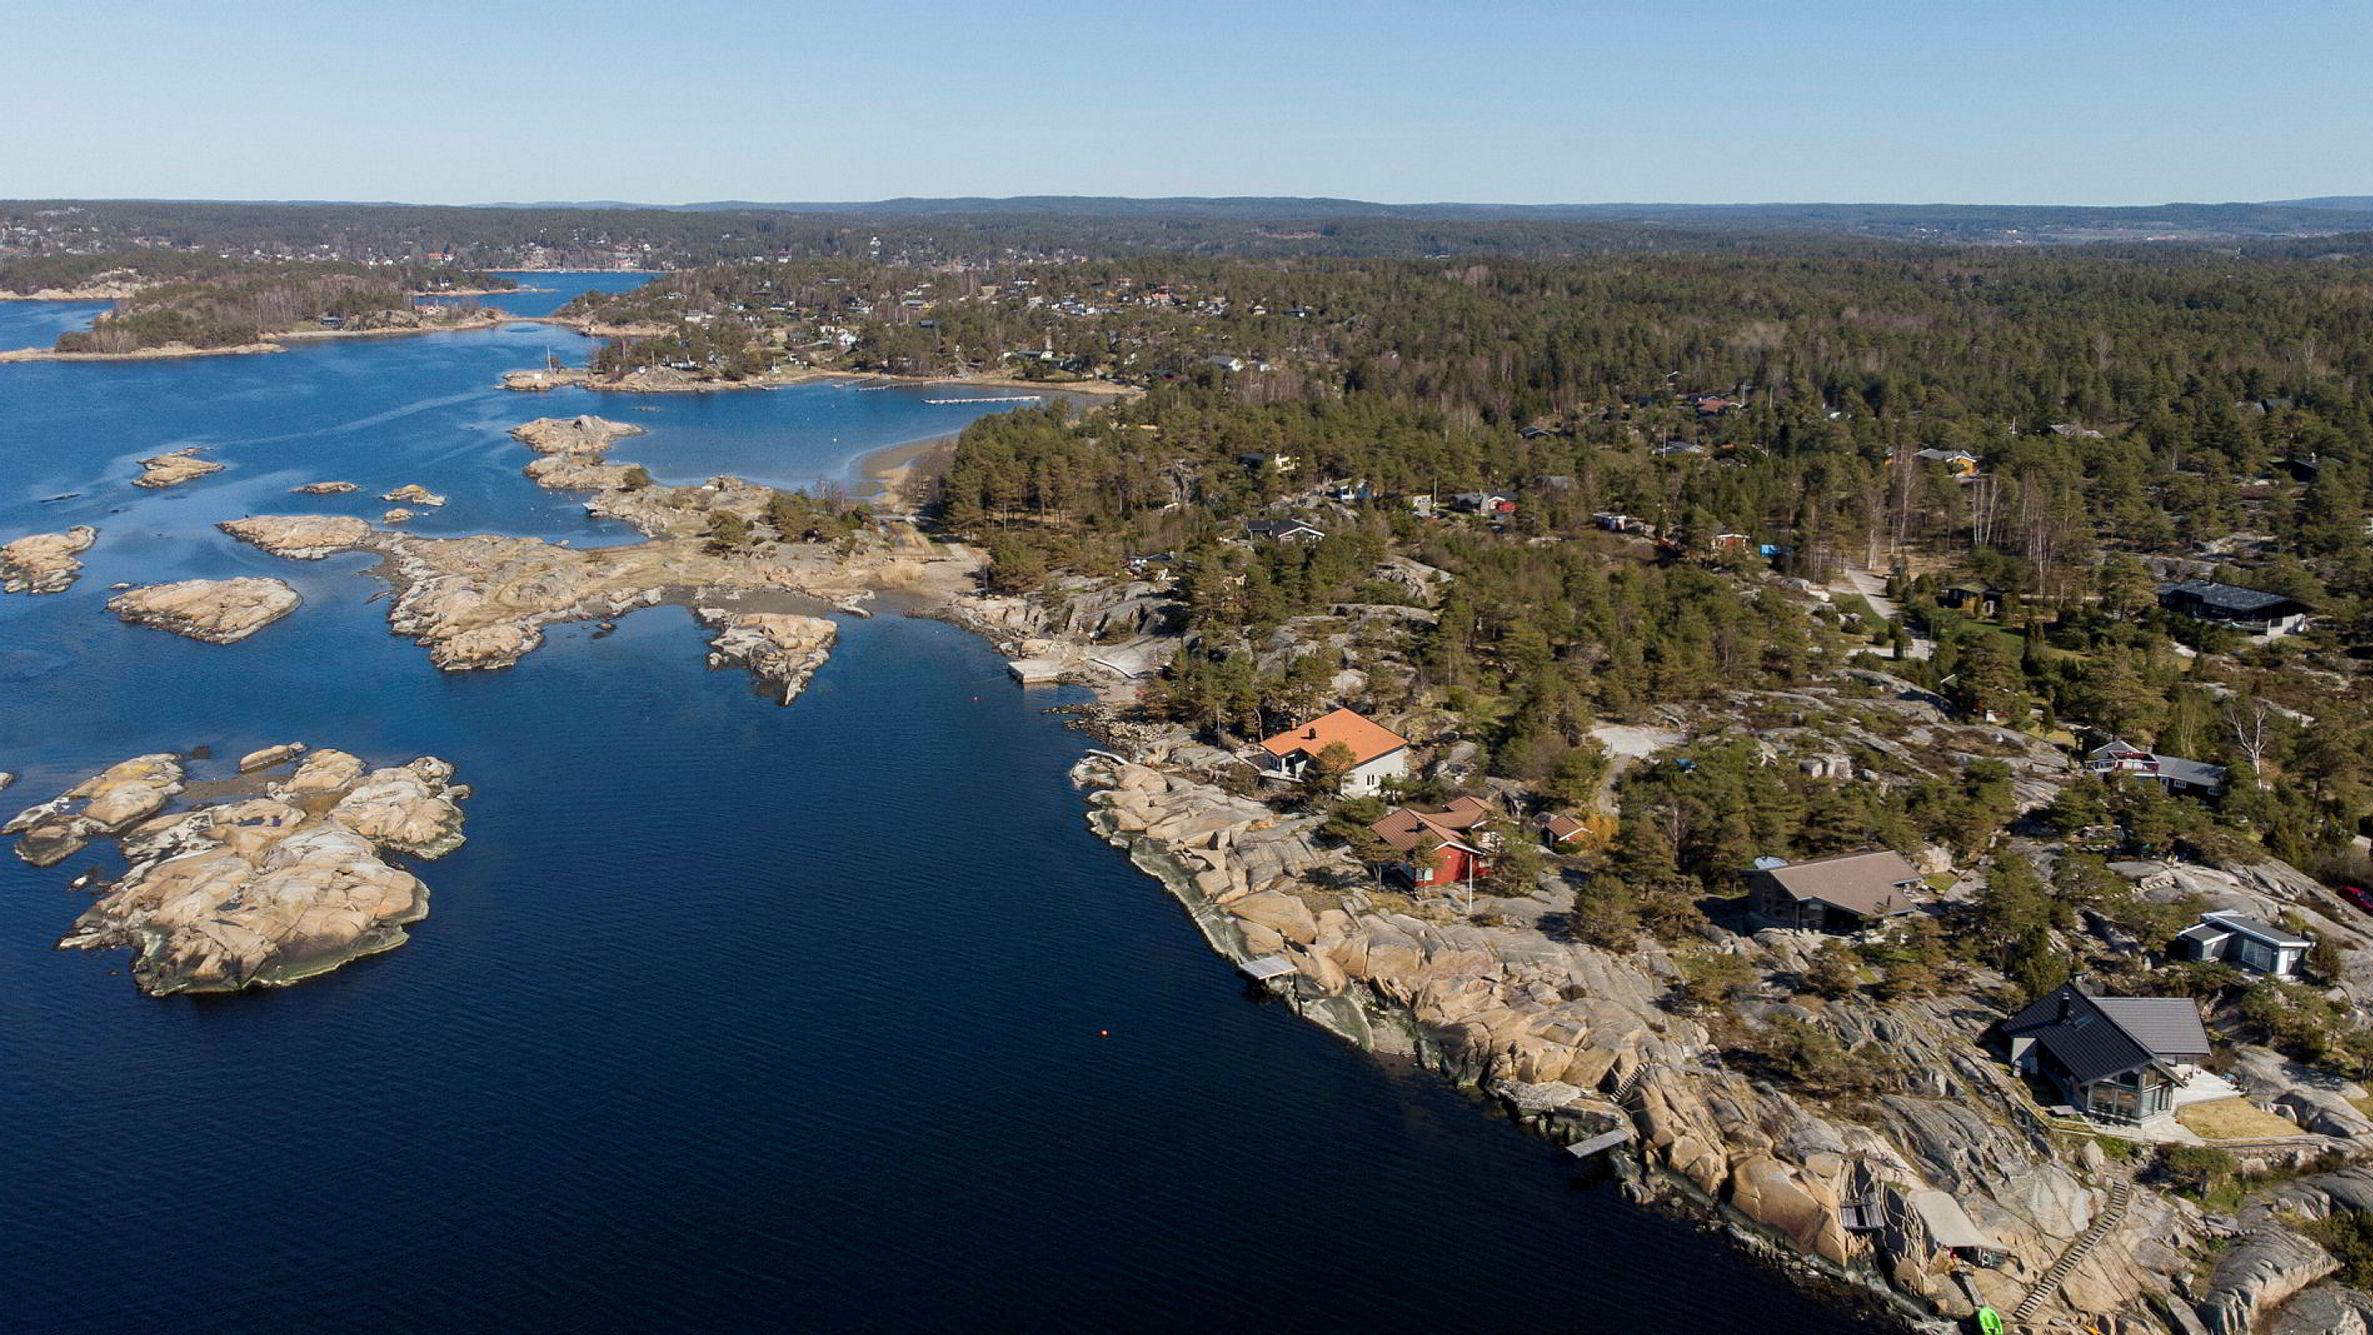 DNs dokumentar 27. juni om konflikten mellom hytteeiere og tidligere grunneier på Grimsøy.